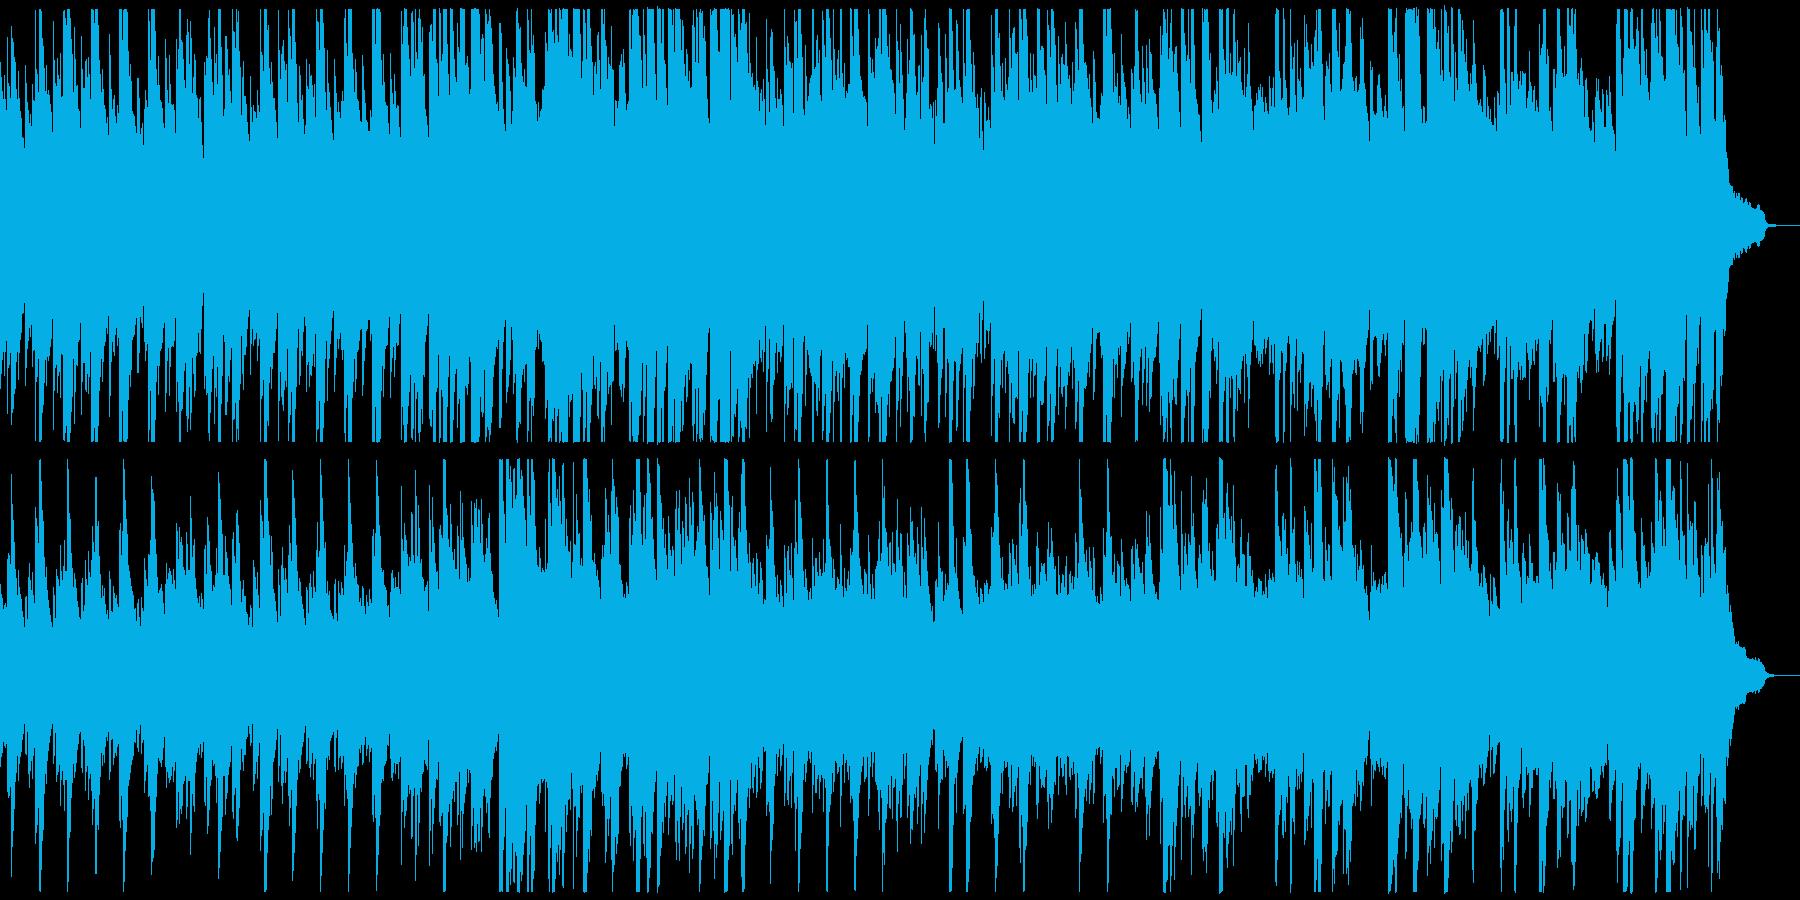 決意新たに、最初の一歩を踏み出すピアノ曲の再生済みの波形